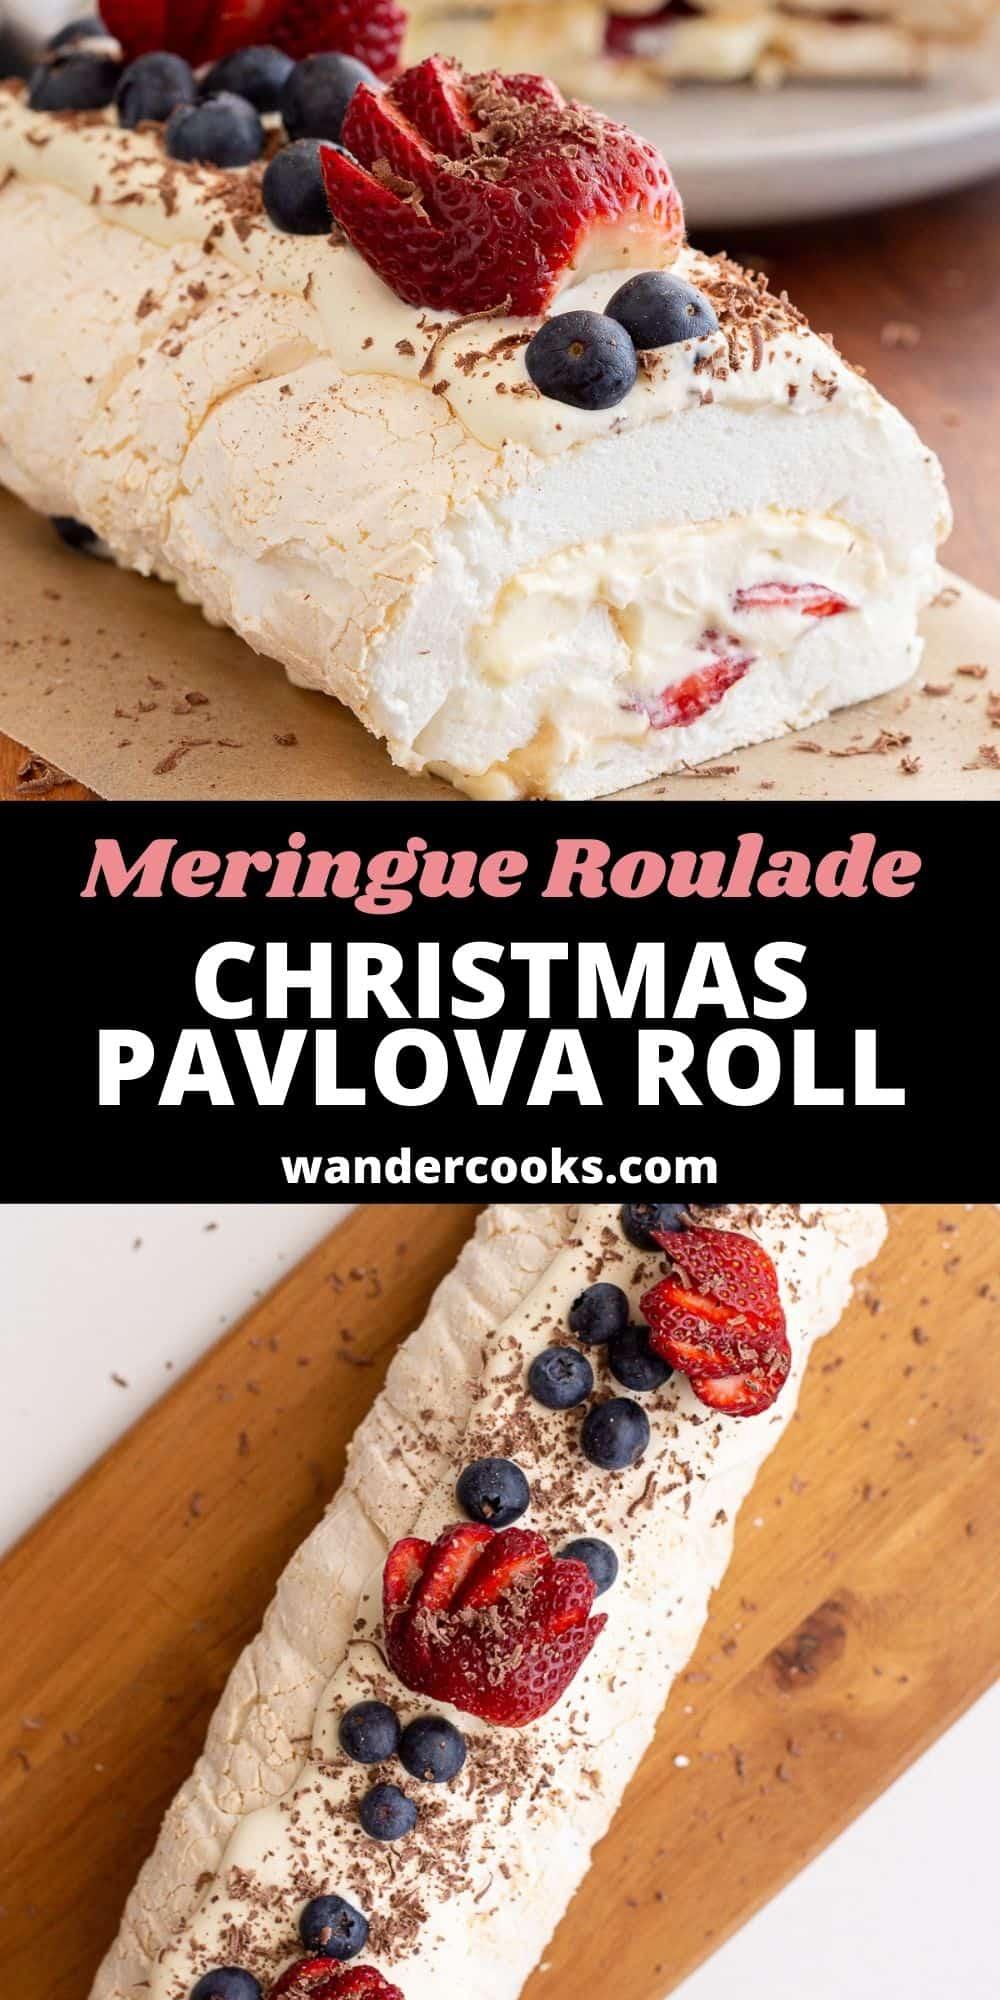 The BEST Pavlova Roll - Easy Meringue Roulade